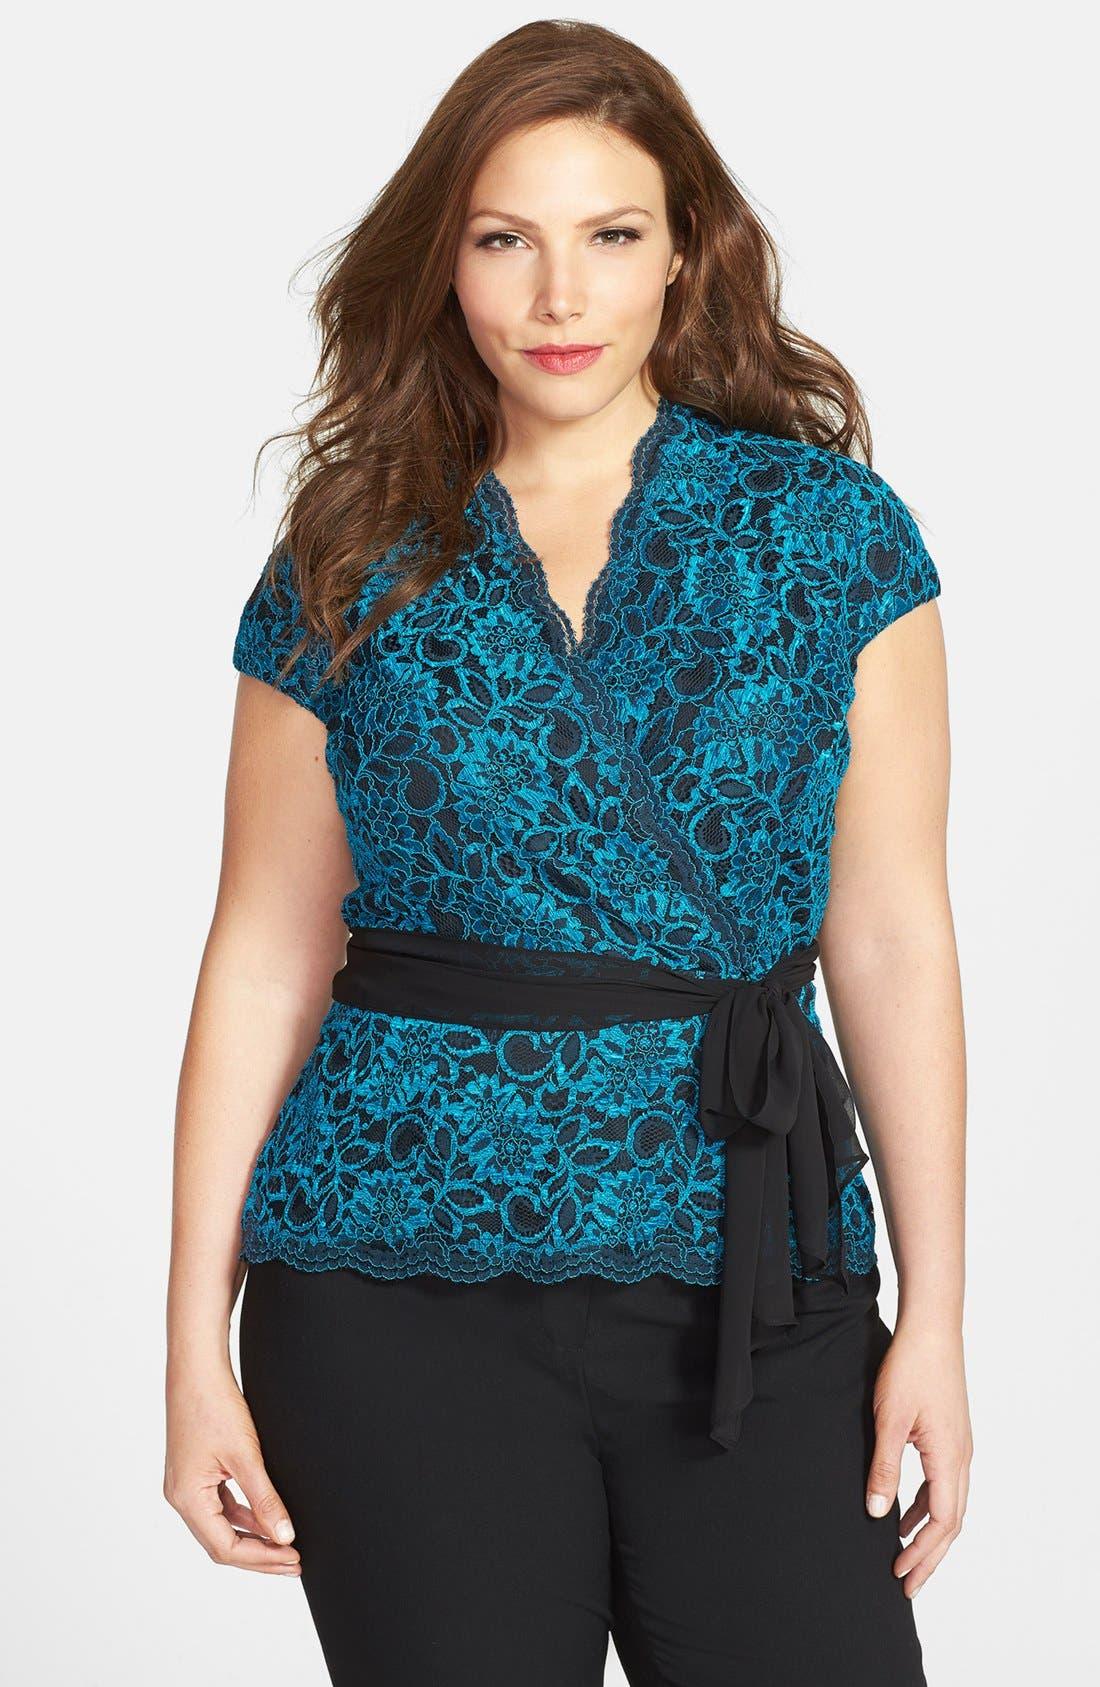 Main Image - Alex Evenings Cap Sleeve Surplice Neckline Lace Blouse with Tie Belt (Plus Size)